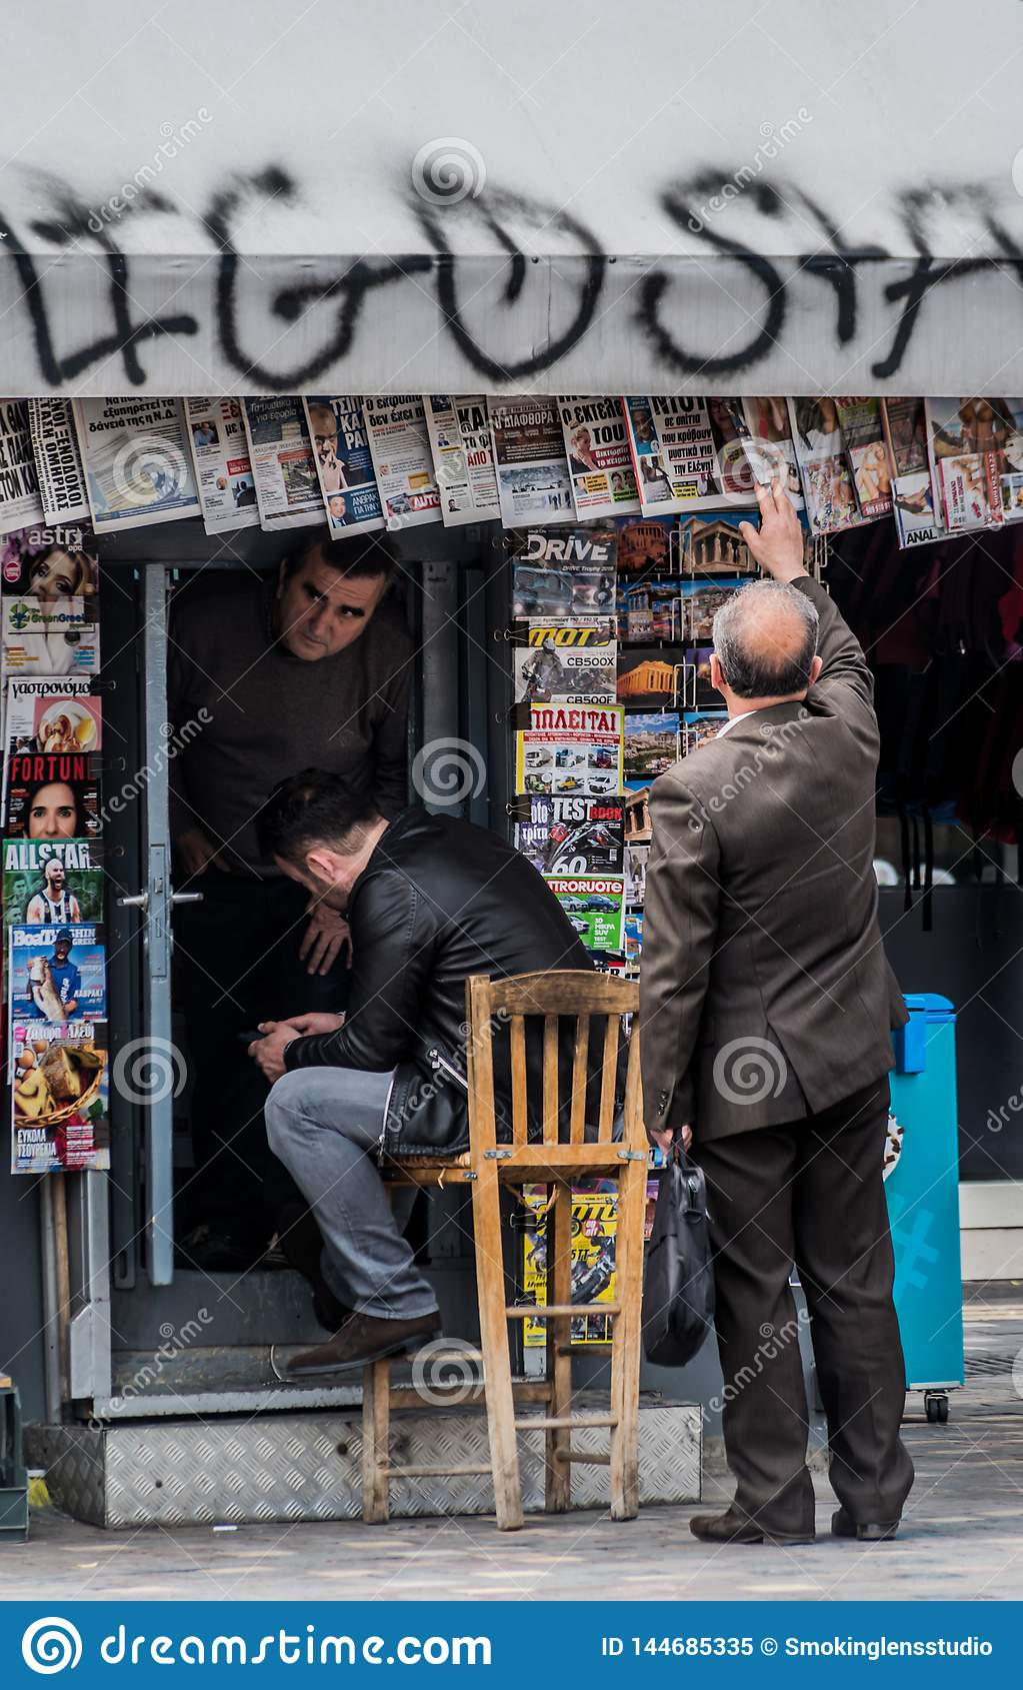 Supporto di giornale, Monastiraki, Atyhens, Grecia